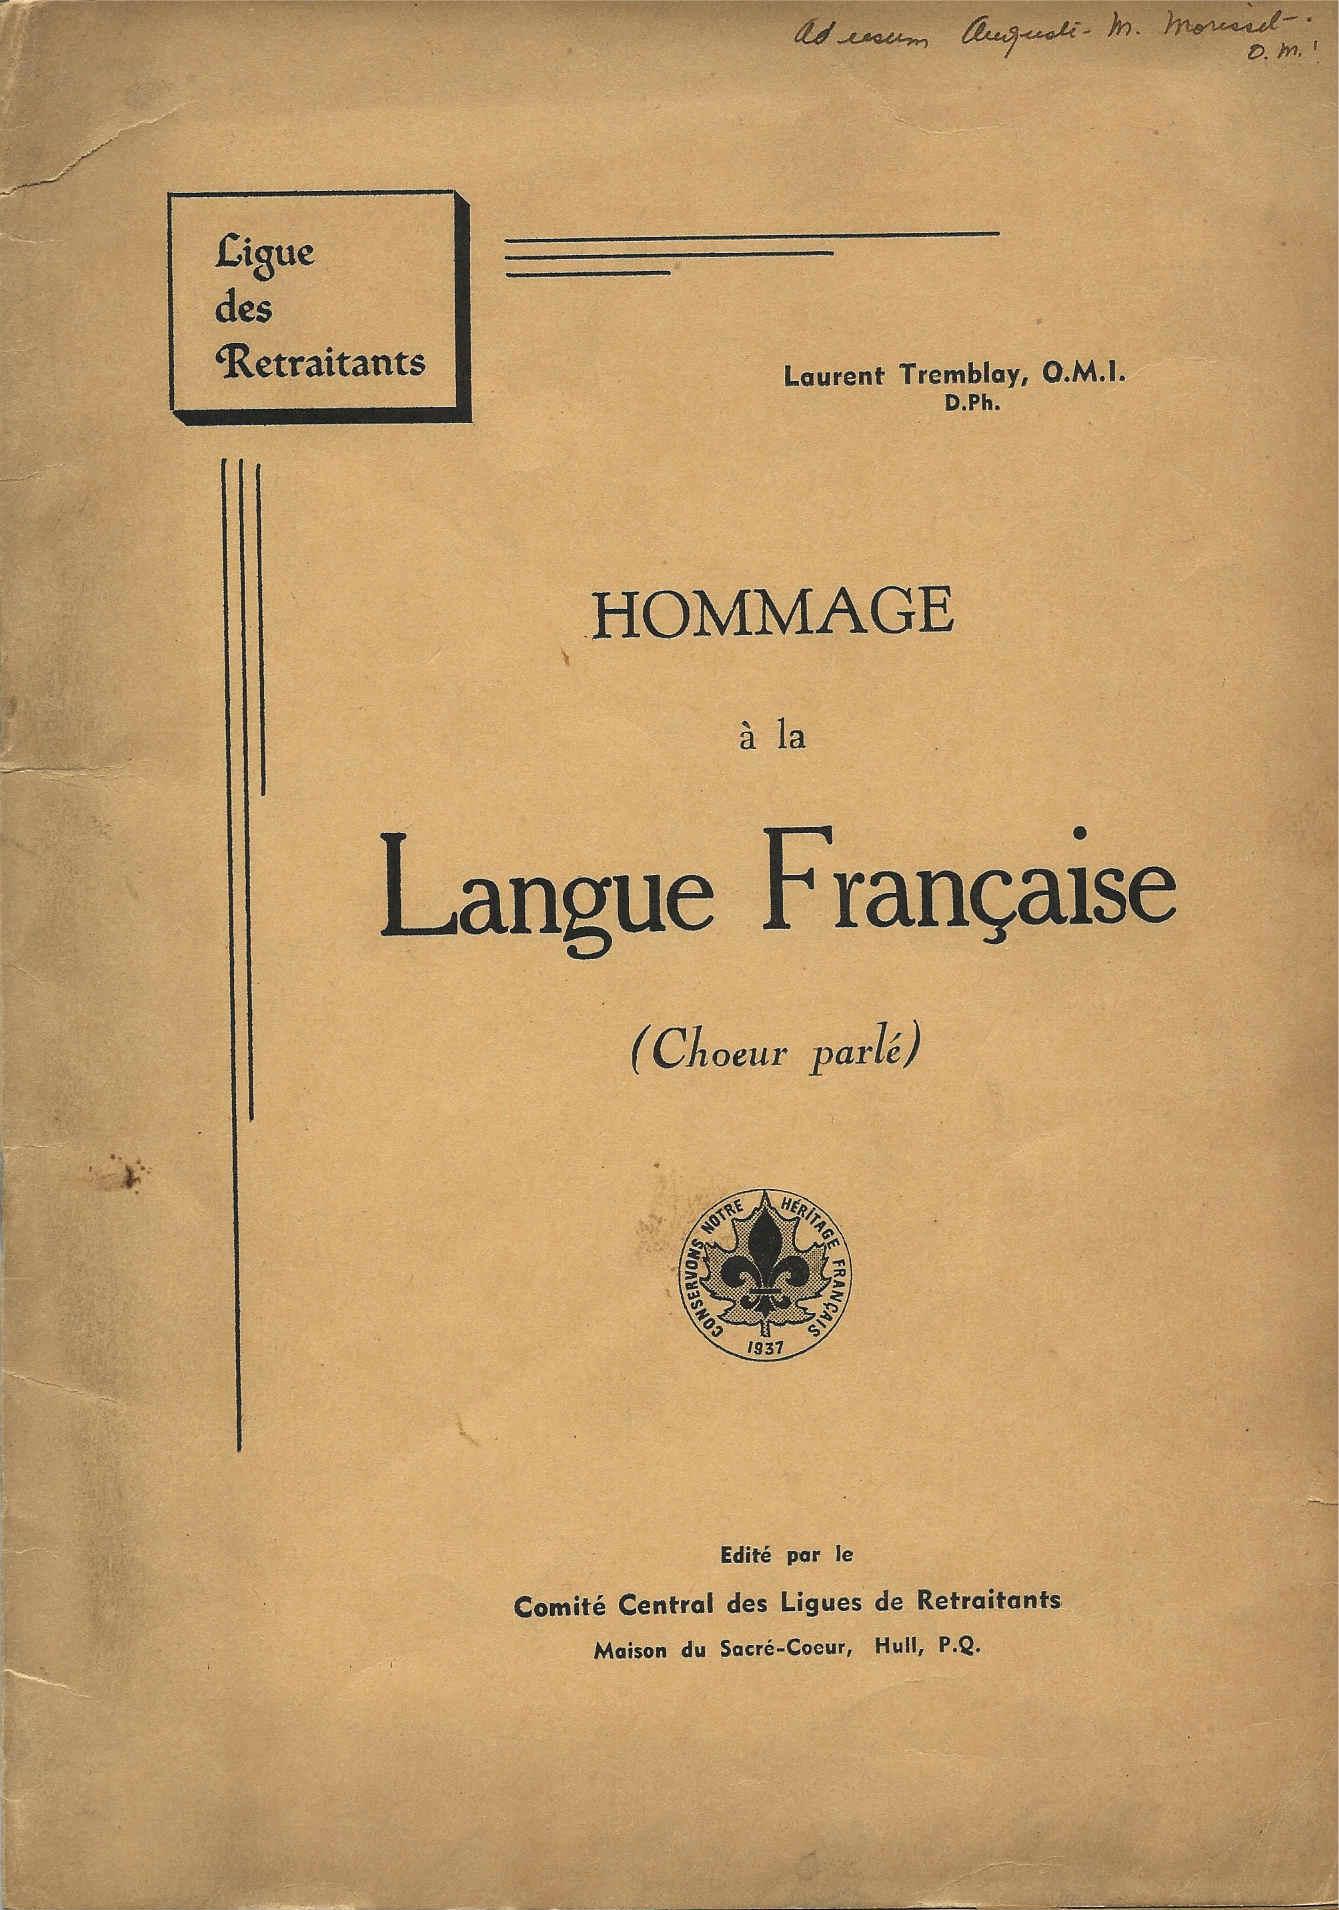 Hommage à la langue française (Chœur parlé), 1937, couverture